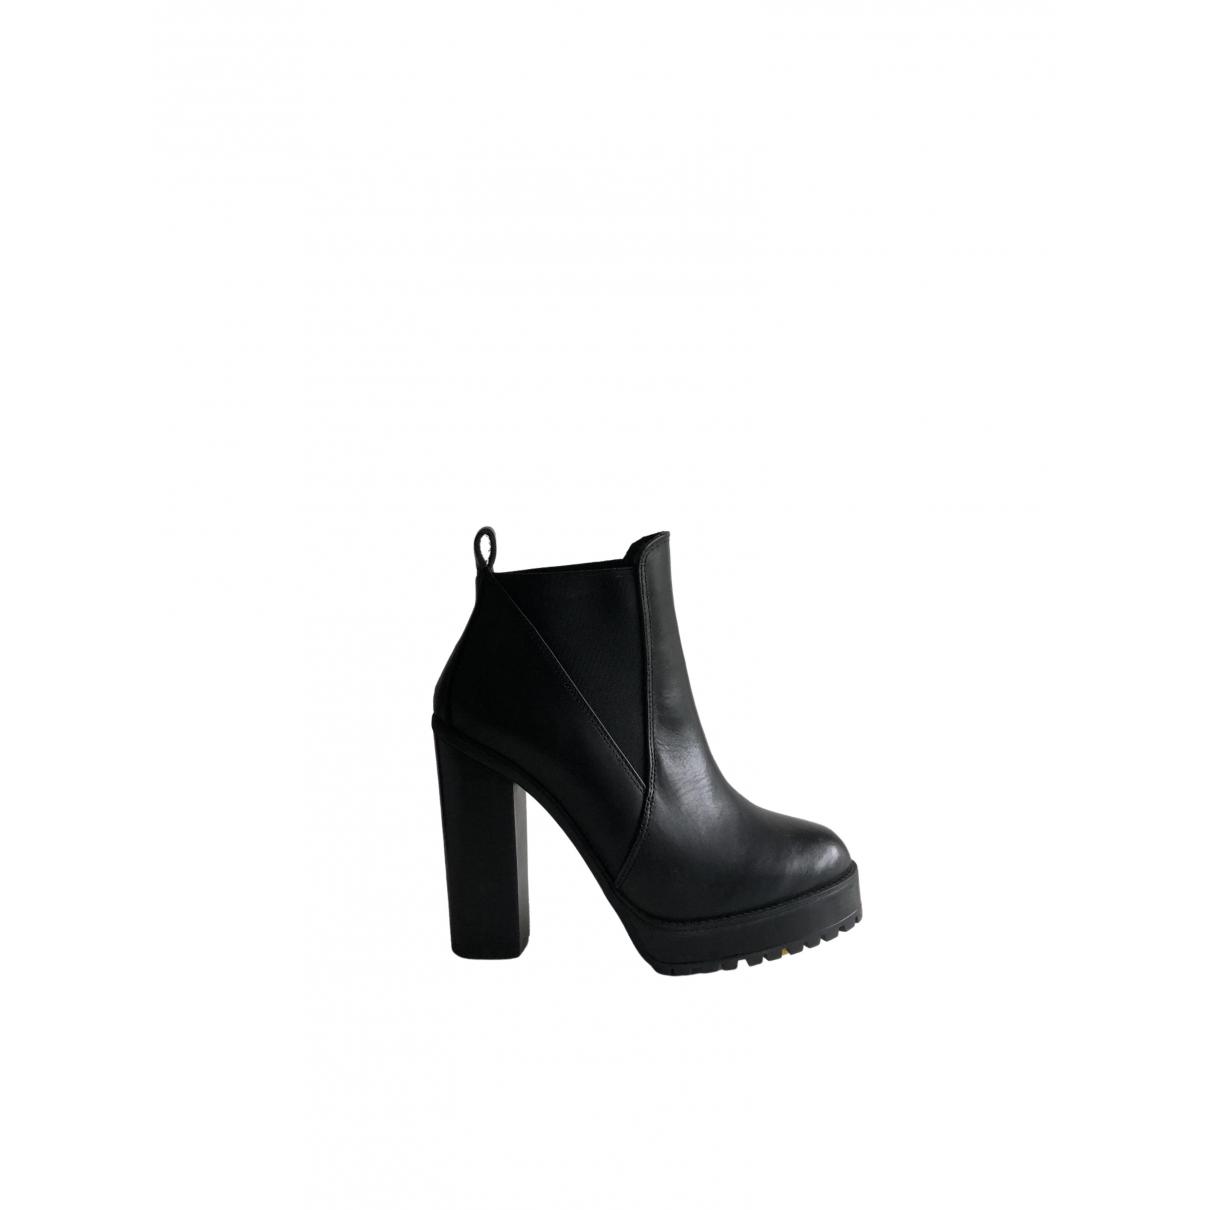 Kurt Geiger \N Black Leather Boots for Women 37 EU